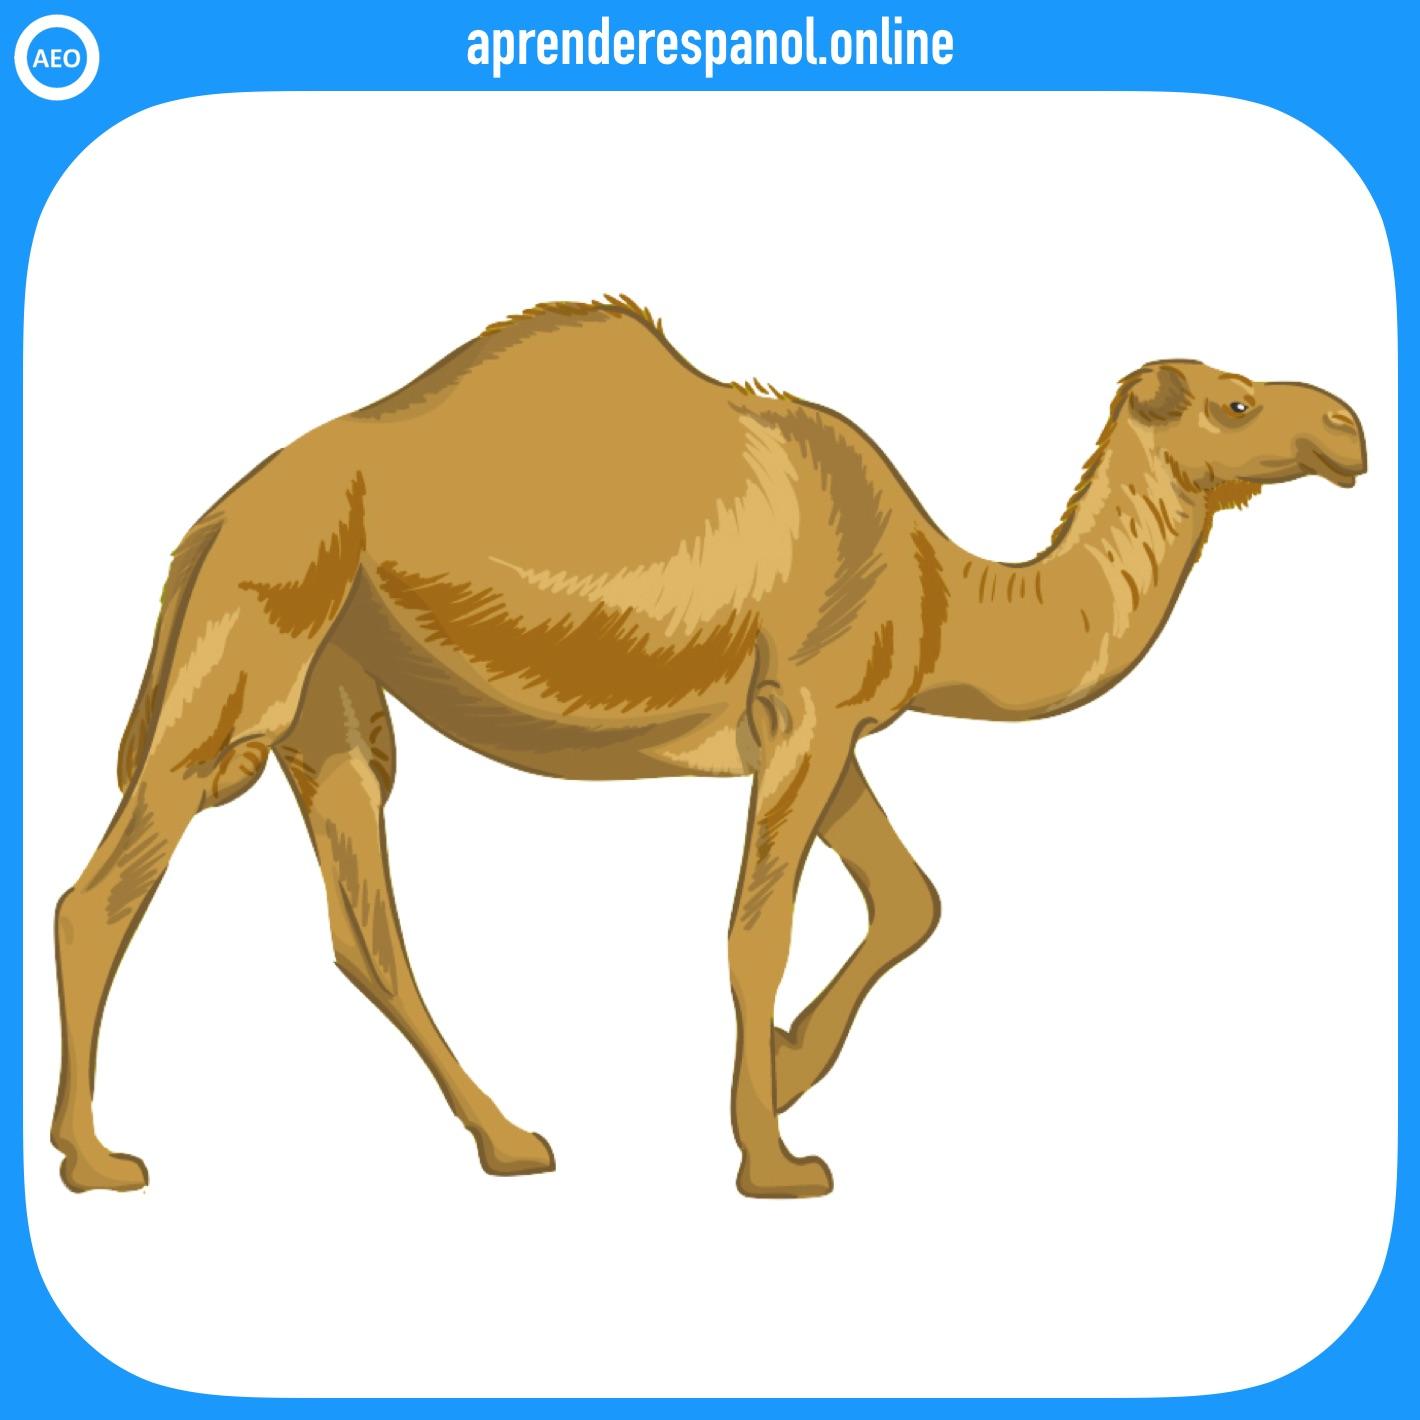 camello | animales en español | vocabulario de los animales en español